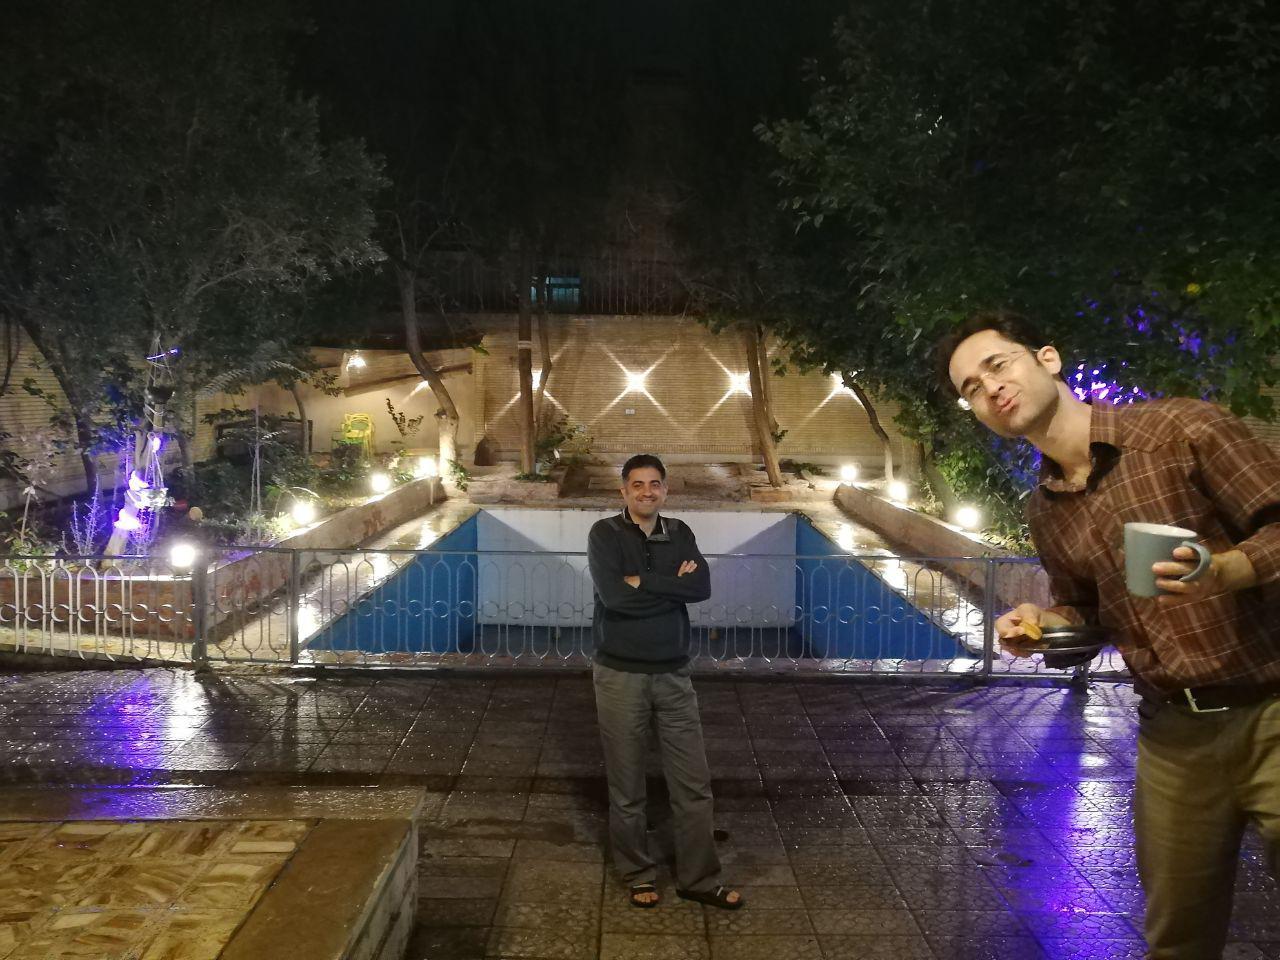 هشدار عکس تزئینی. عکس دونفره در روز بارانی پايیزی بارانی در آبی سفید اصفهان.